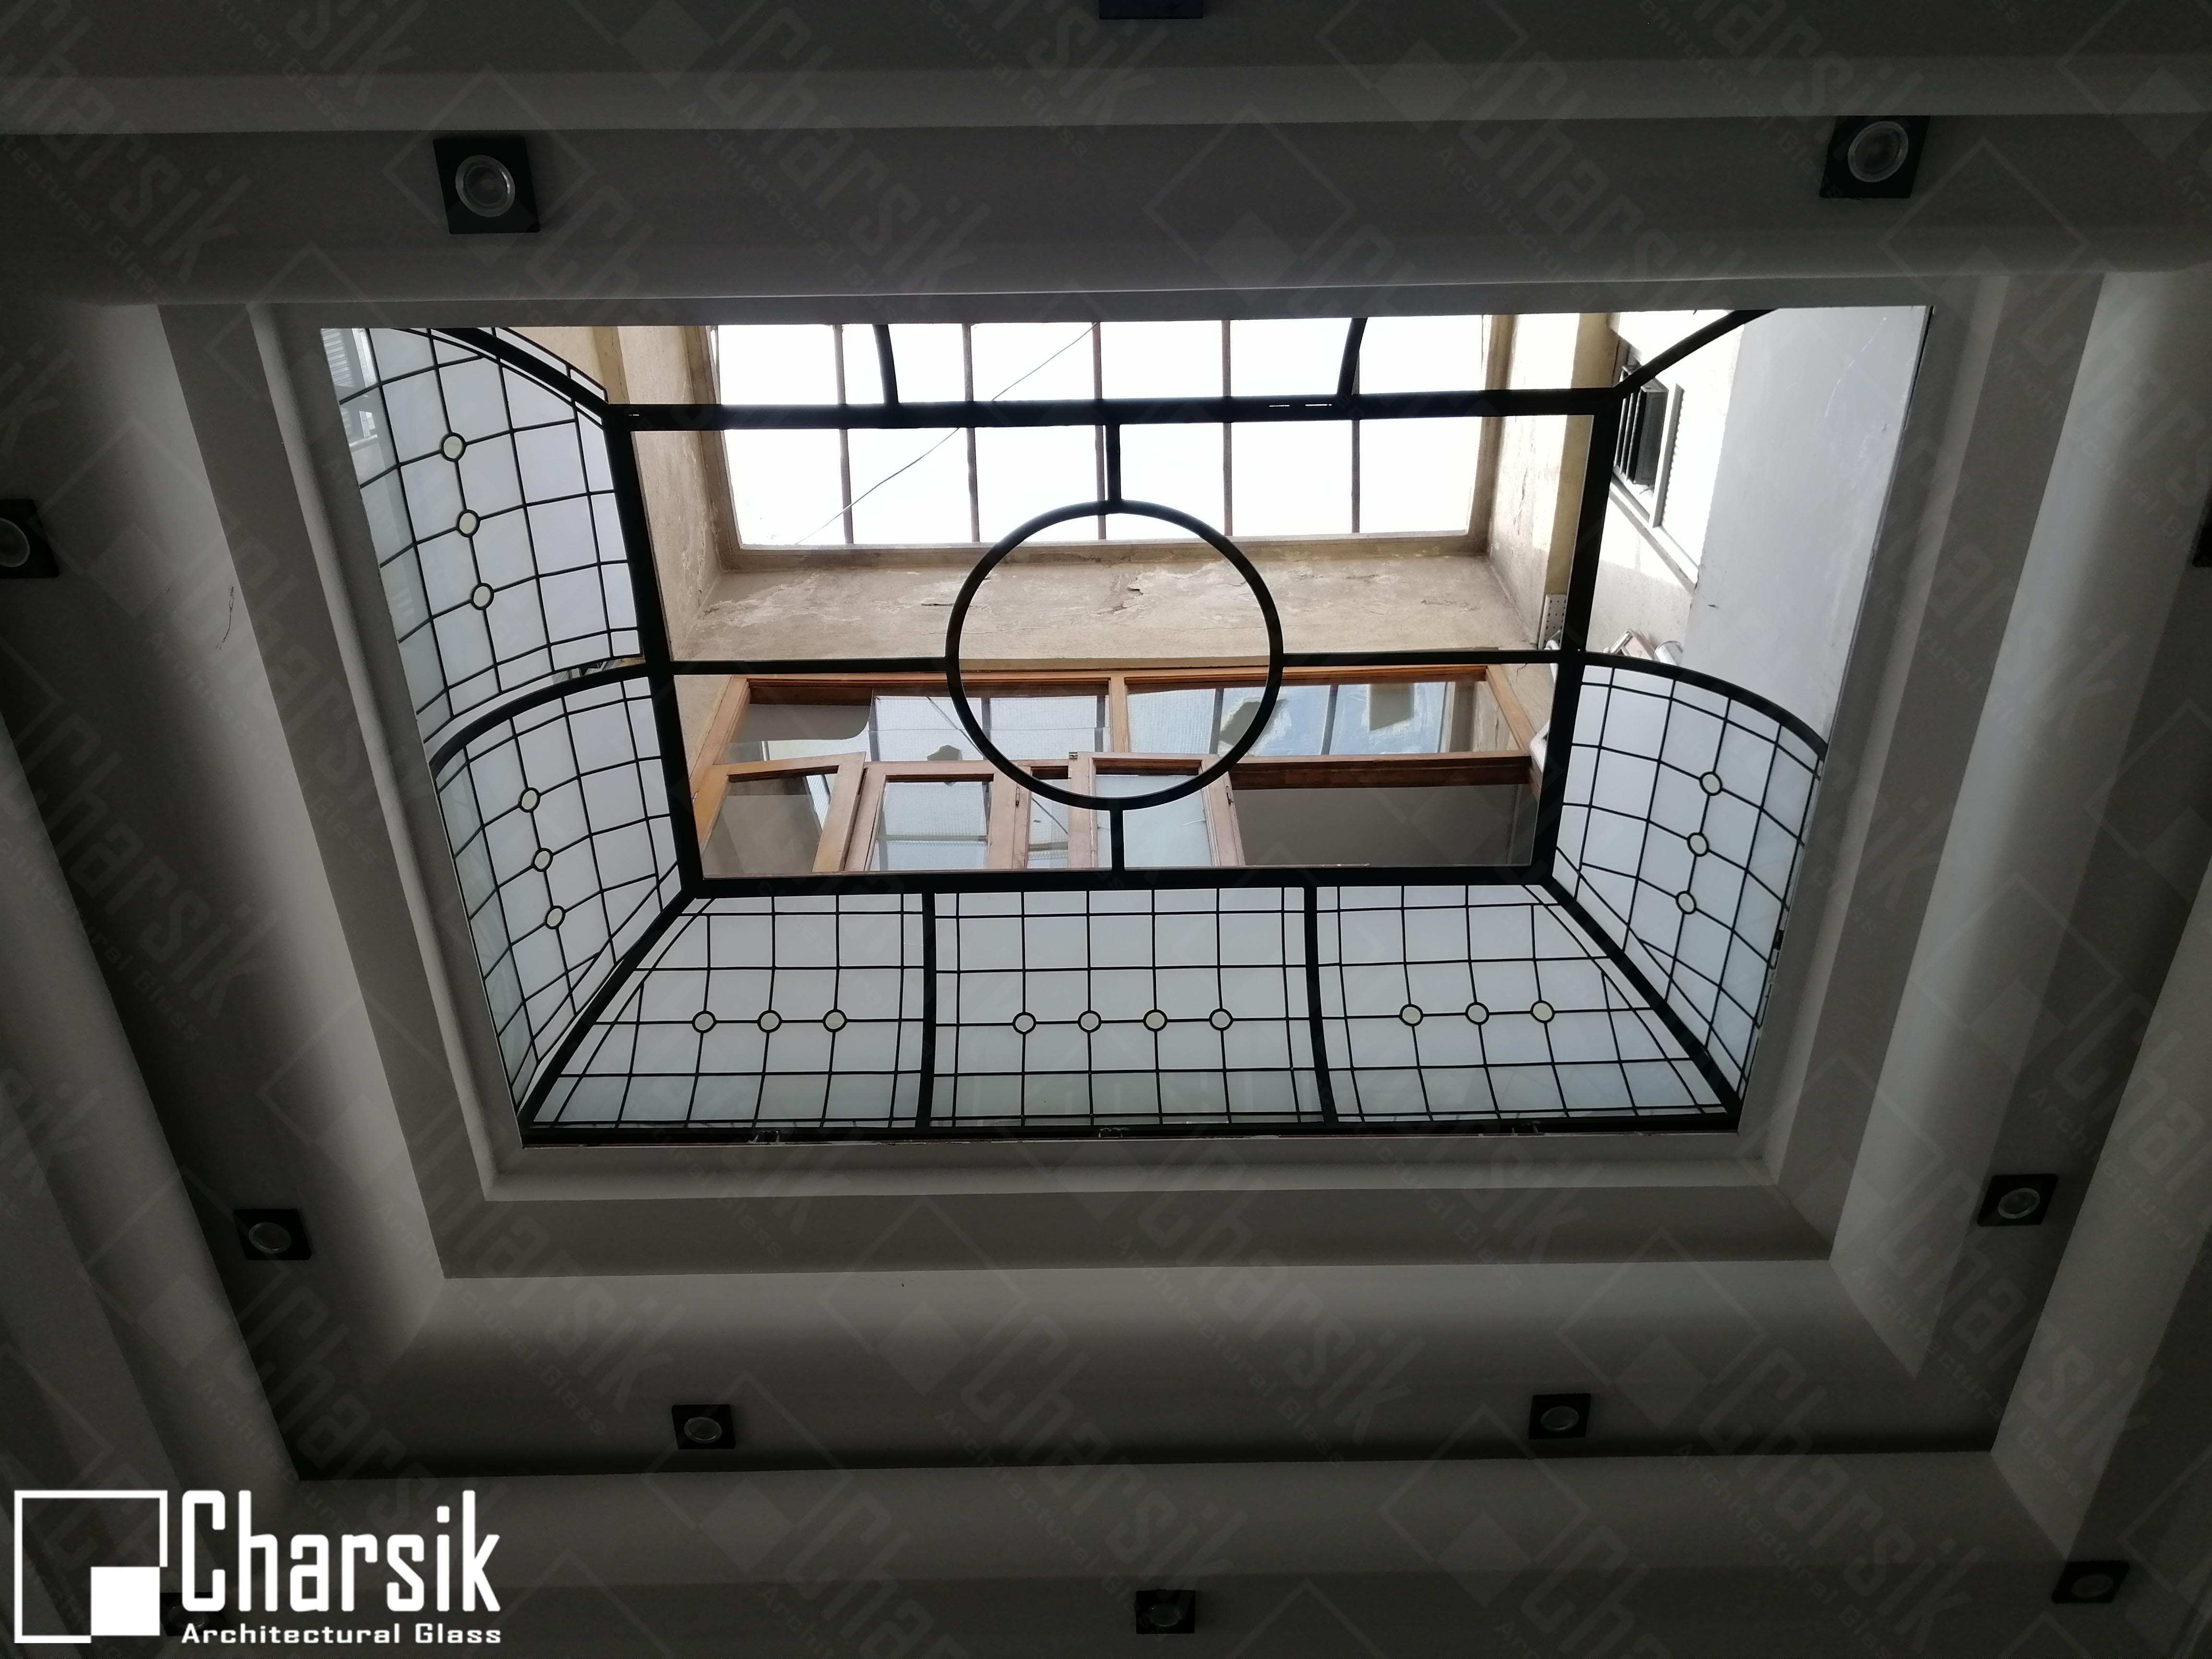 سقف شیشه رنگی لوکس جردن چارسیکر